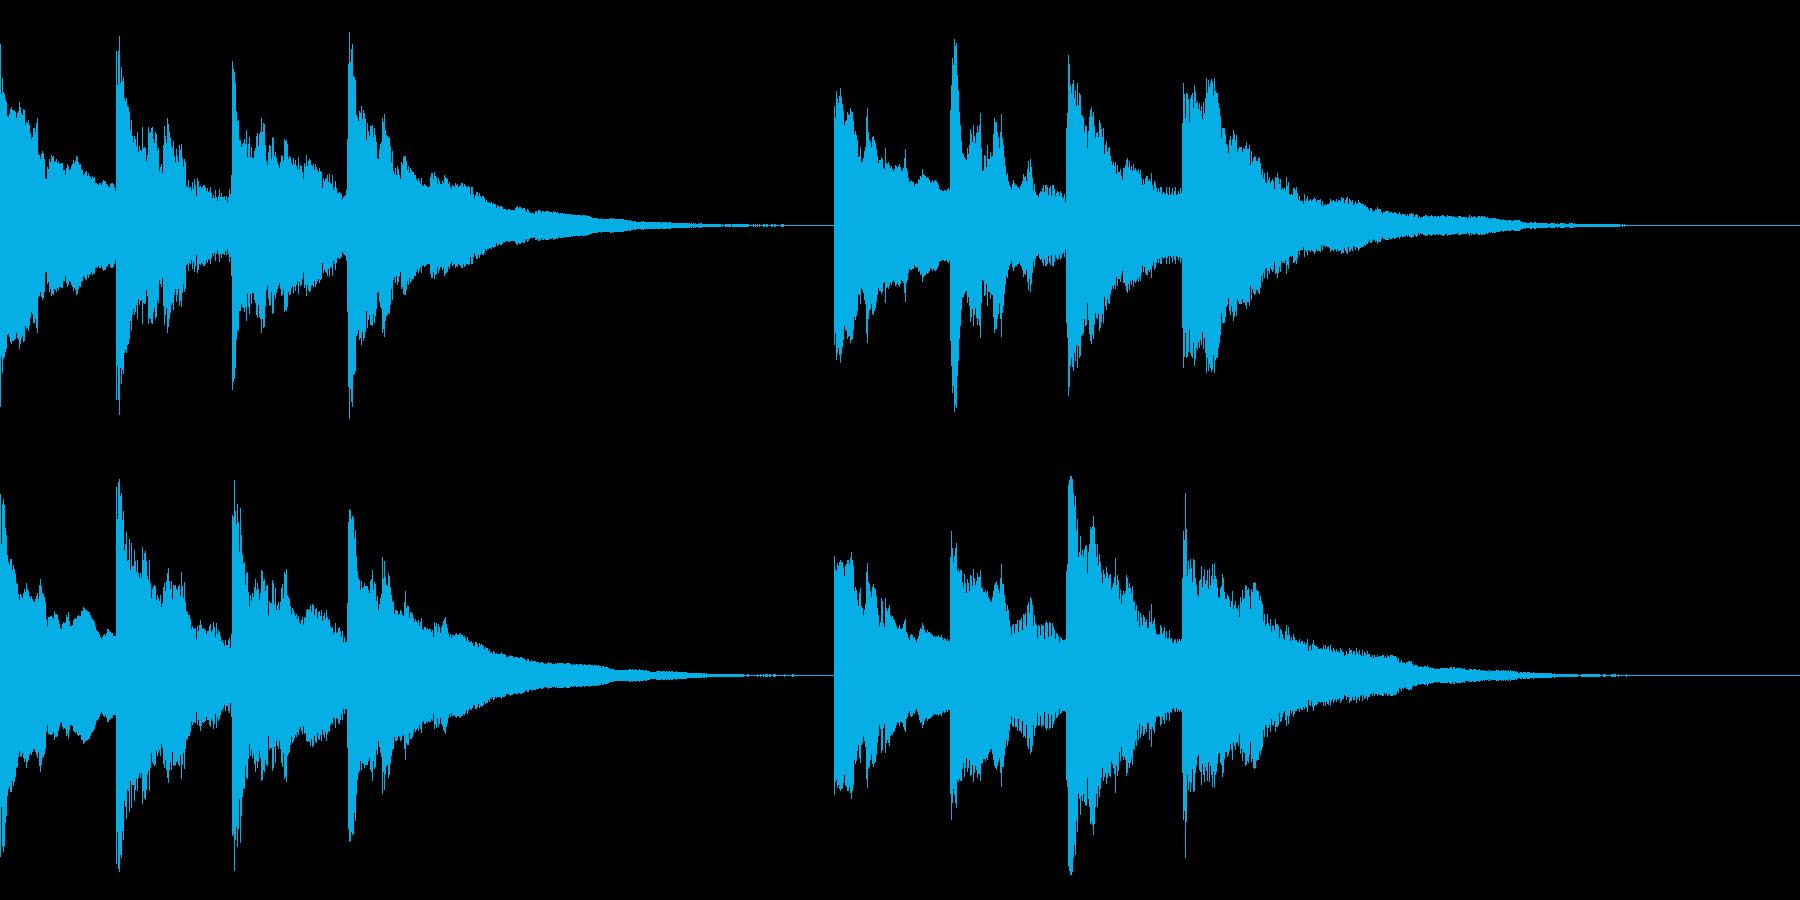 ピンポンパンポン ↑↓ アナウンス 案内の再生済みの波形